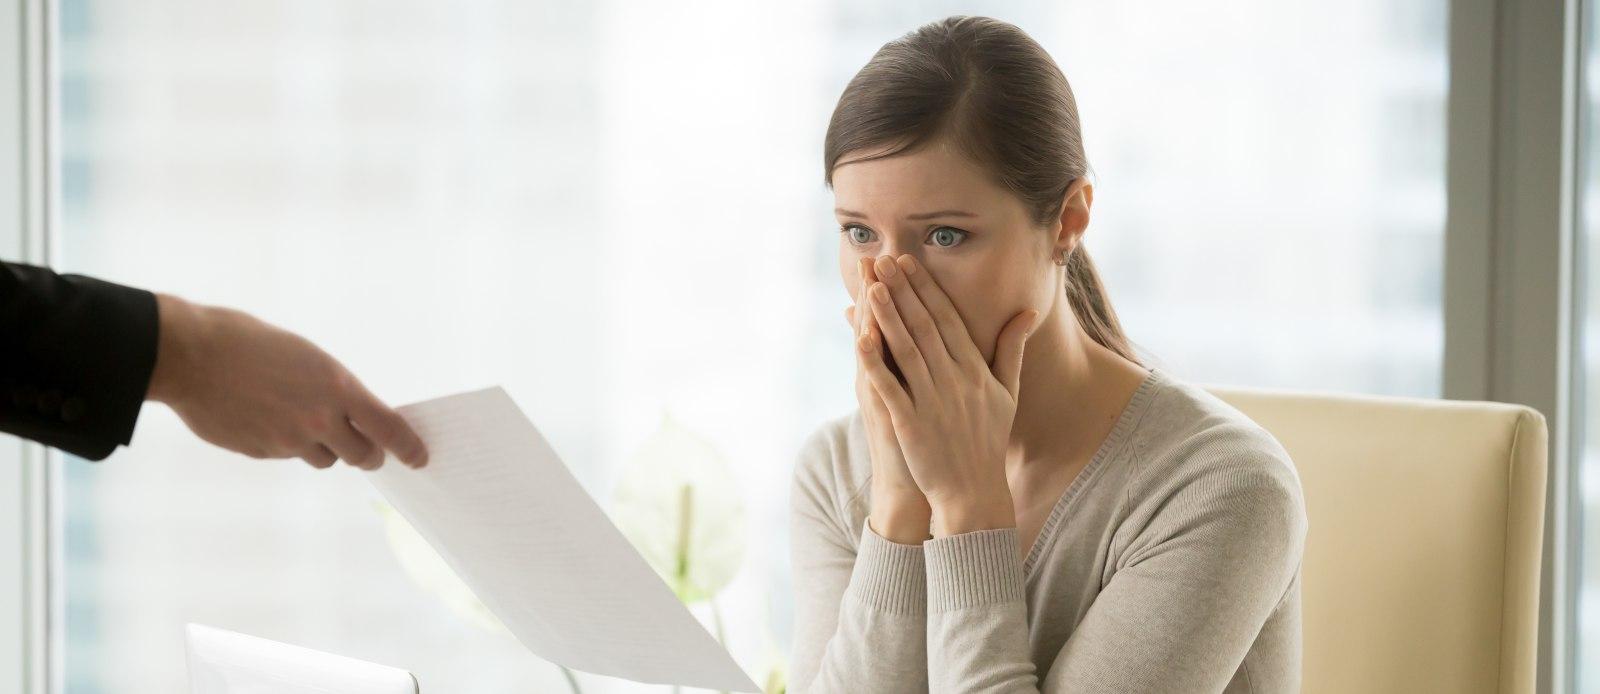 La multa por ruidos molestos puede ser entre 1 y 3 UTM, según establece la ley de Copropiedad.